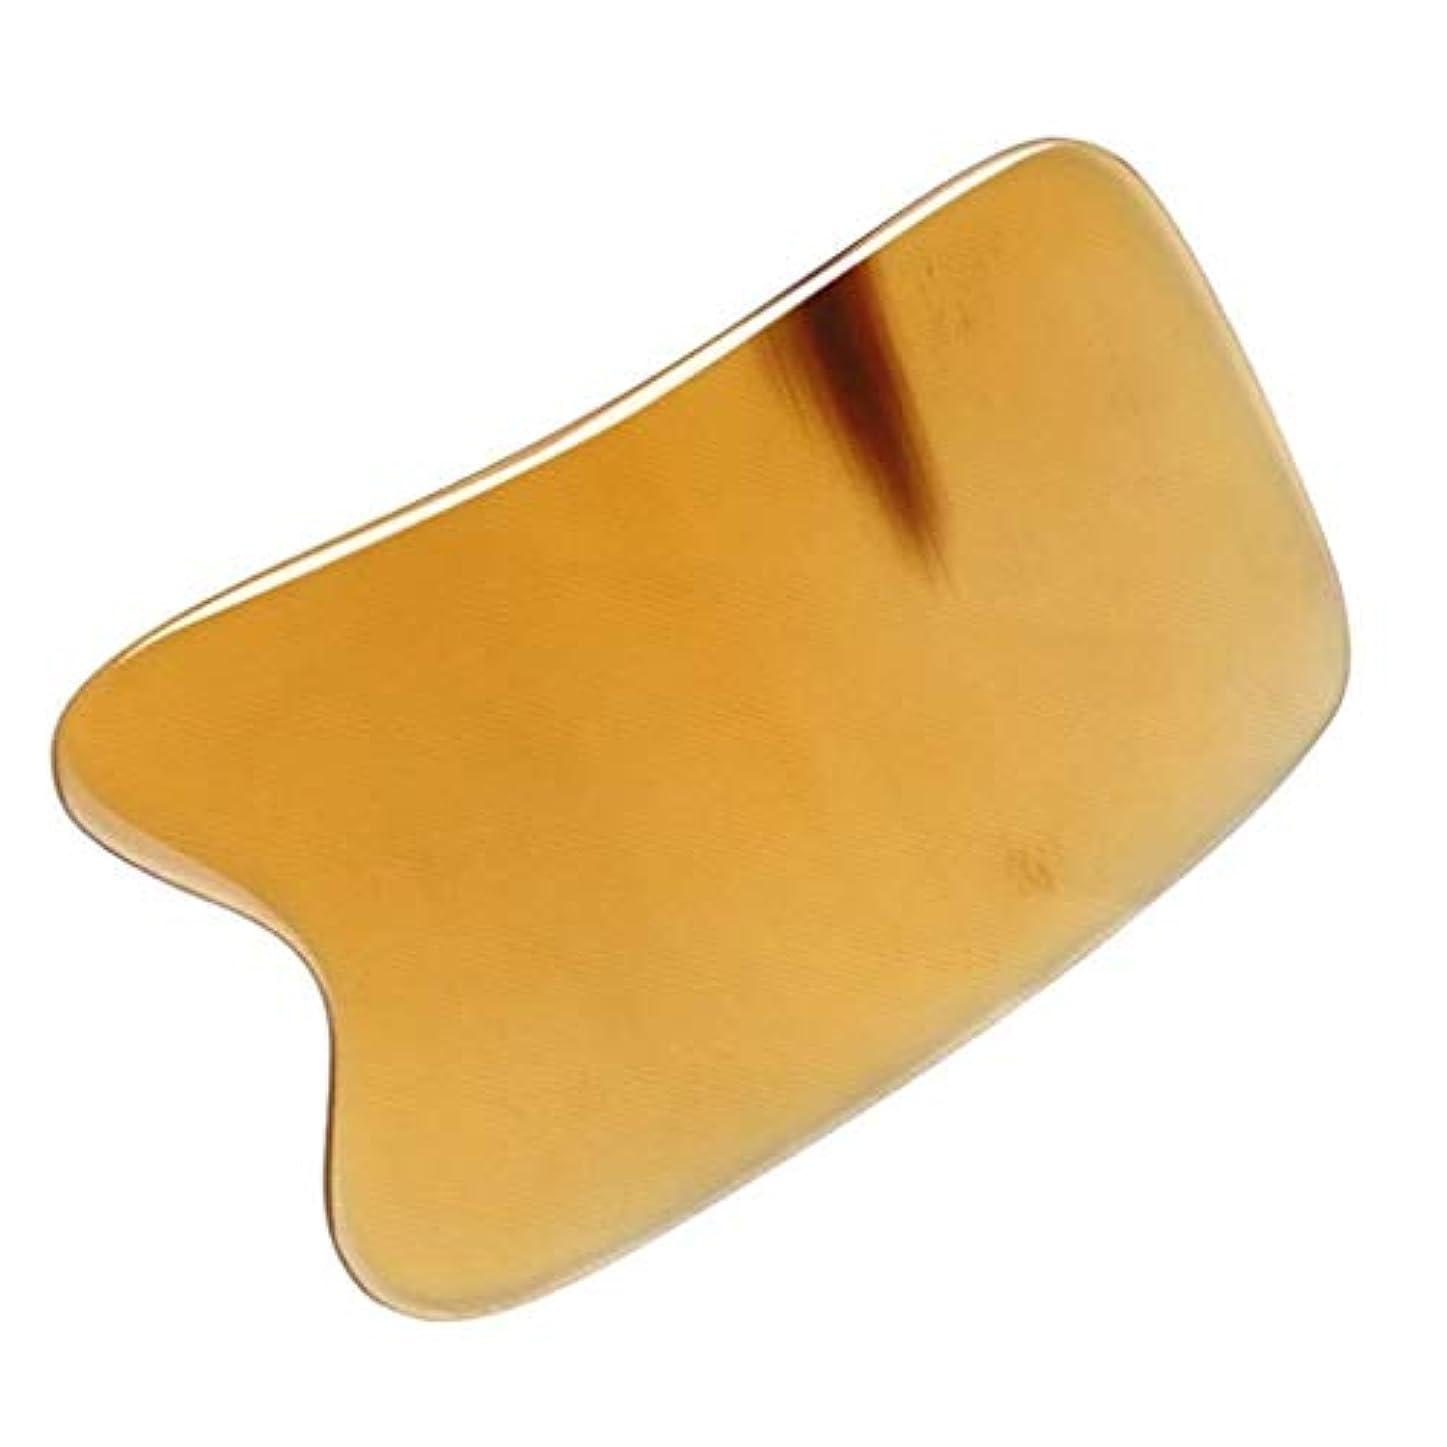 シリンダー災難費用IASTMグラストン理学療法ツール-最高品質のハンドメイドバッファローホーングアシャボード-首と筋肉の痛みを軽減 (Size : 5mm)